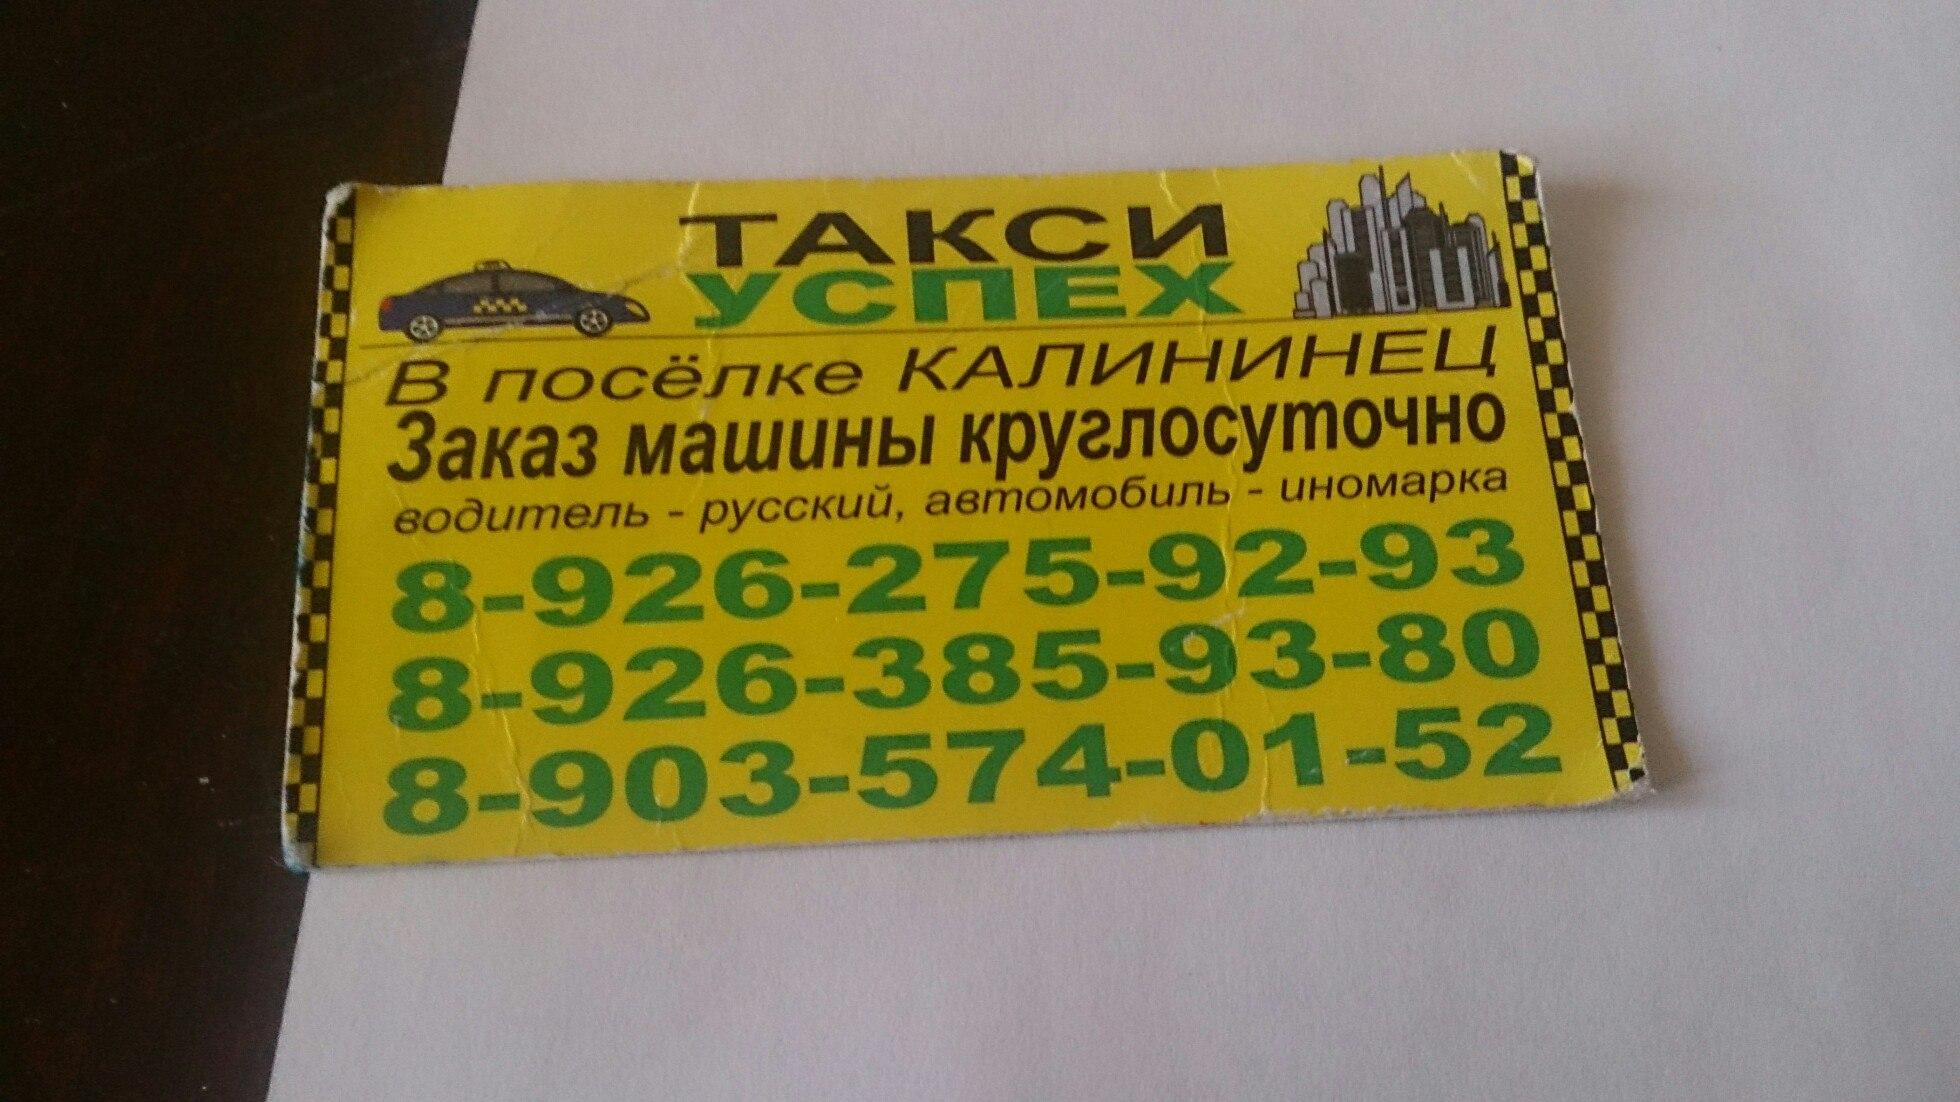 http://s3.uploads.ru/AgNuk.jpg